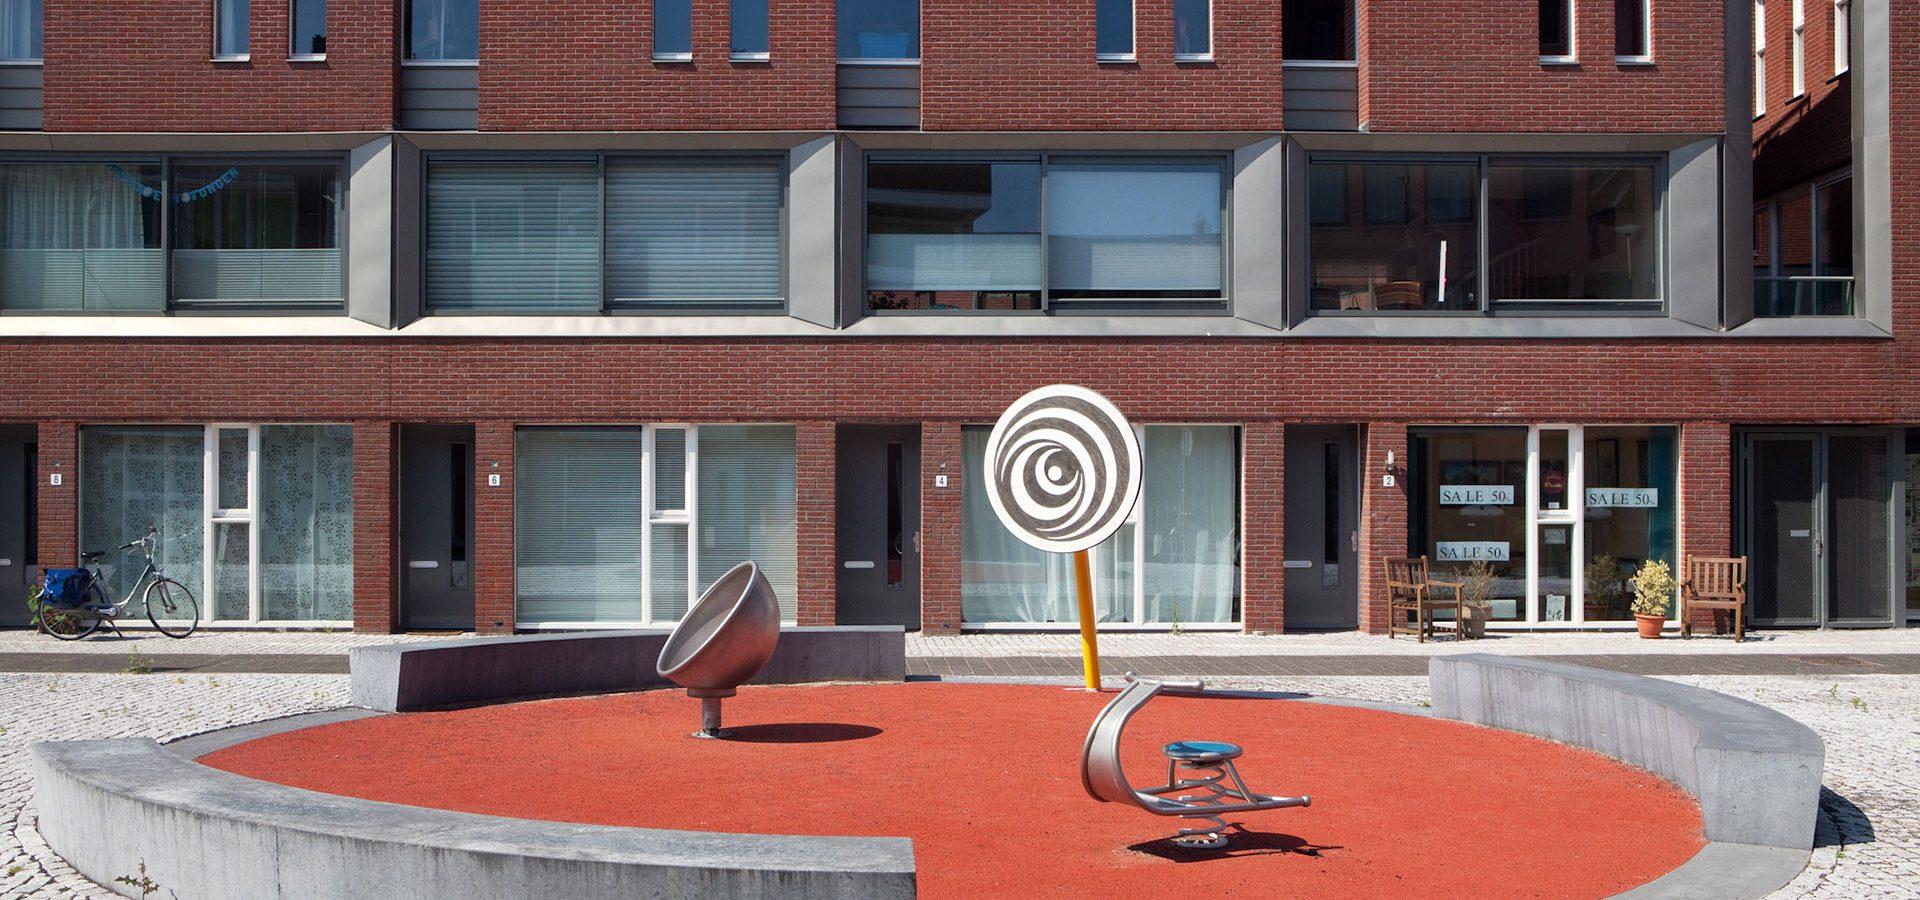 FARO architecten Drosteterrein Haarlem 09